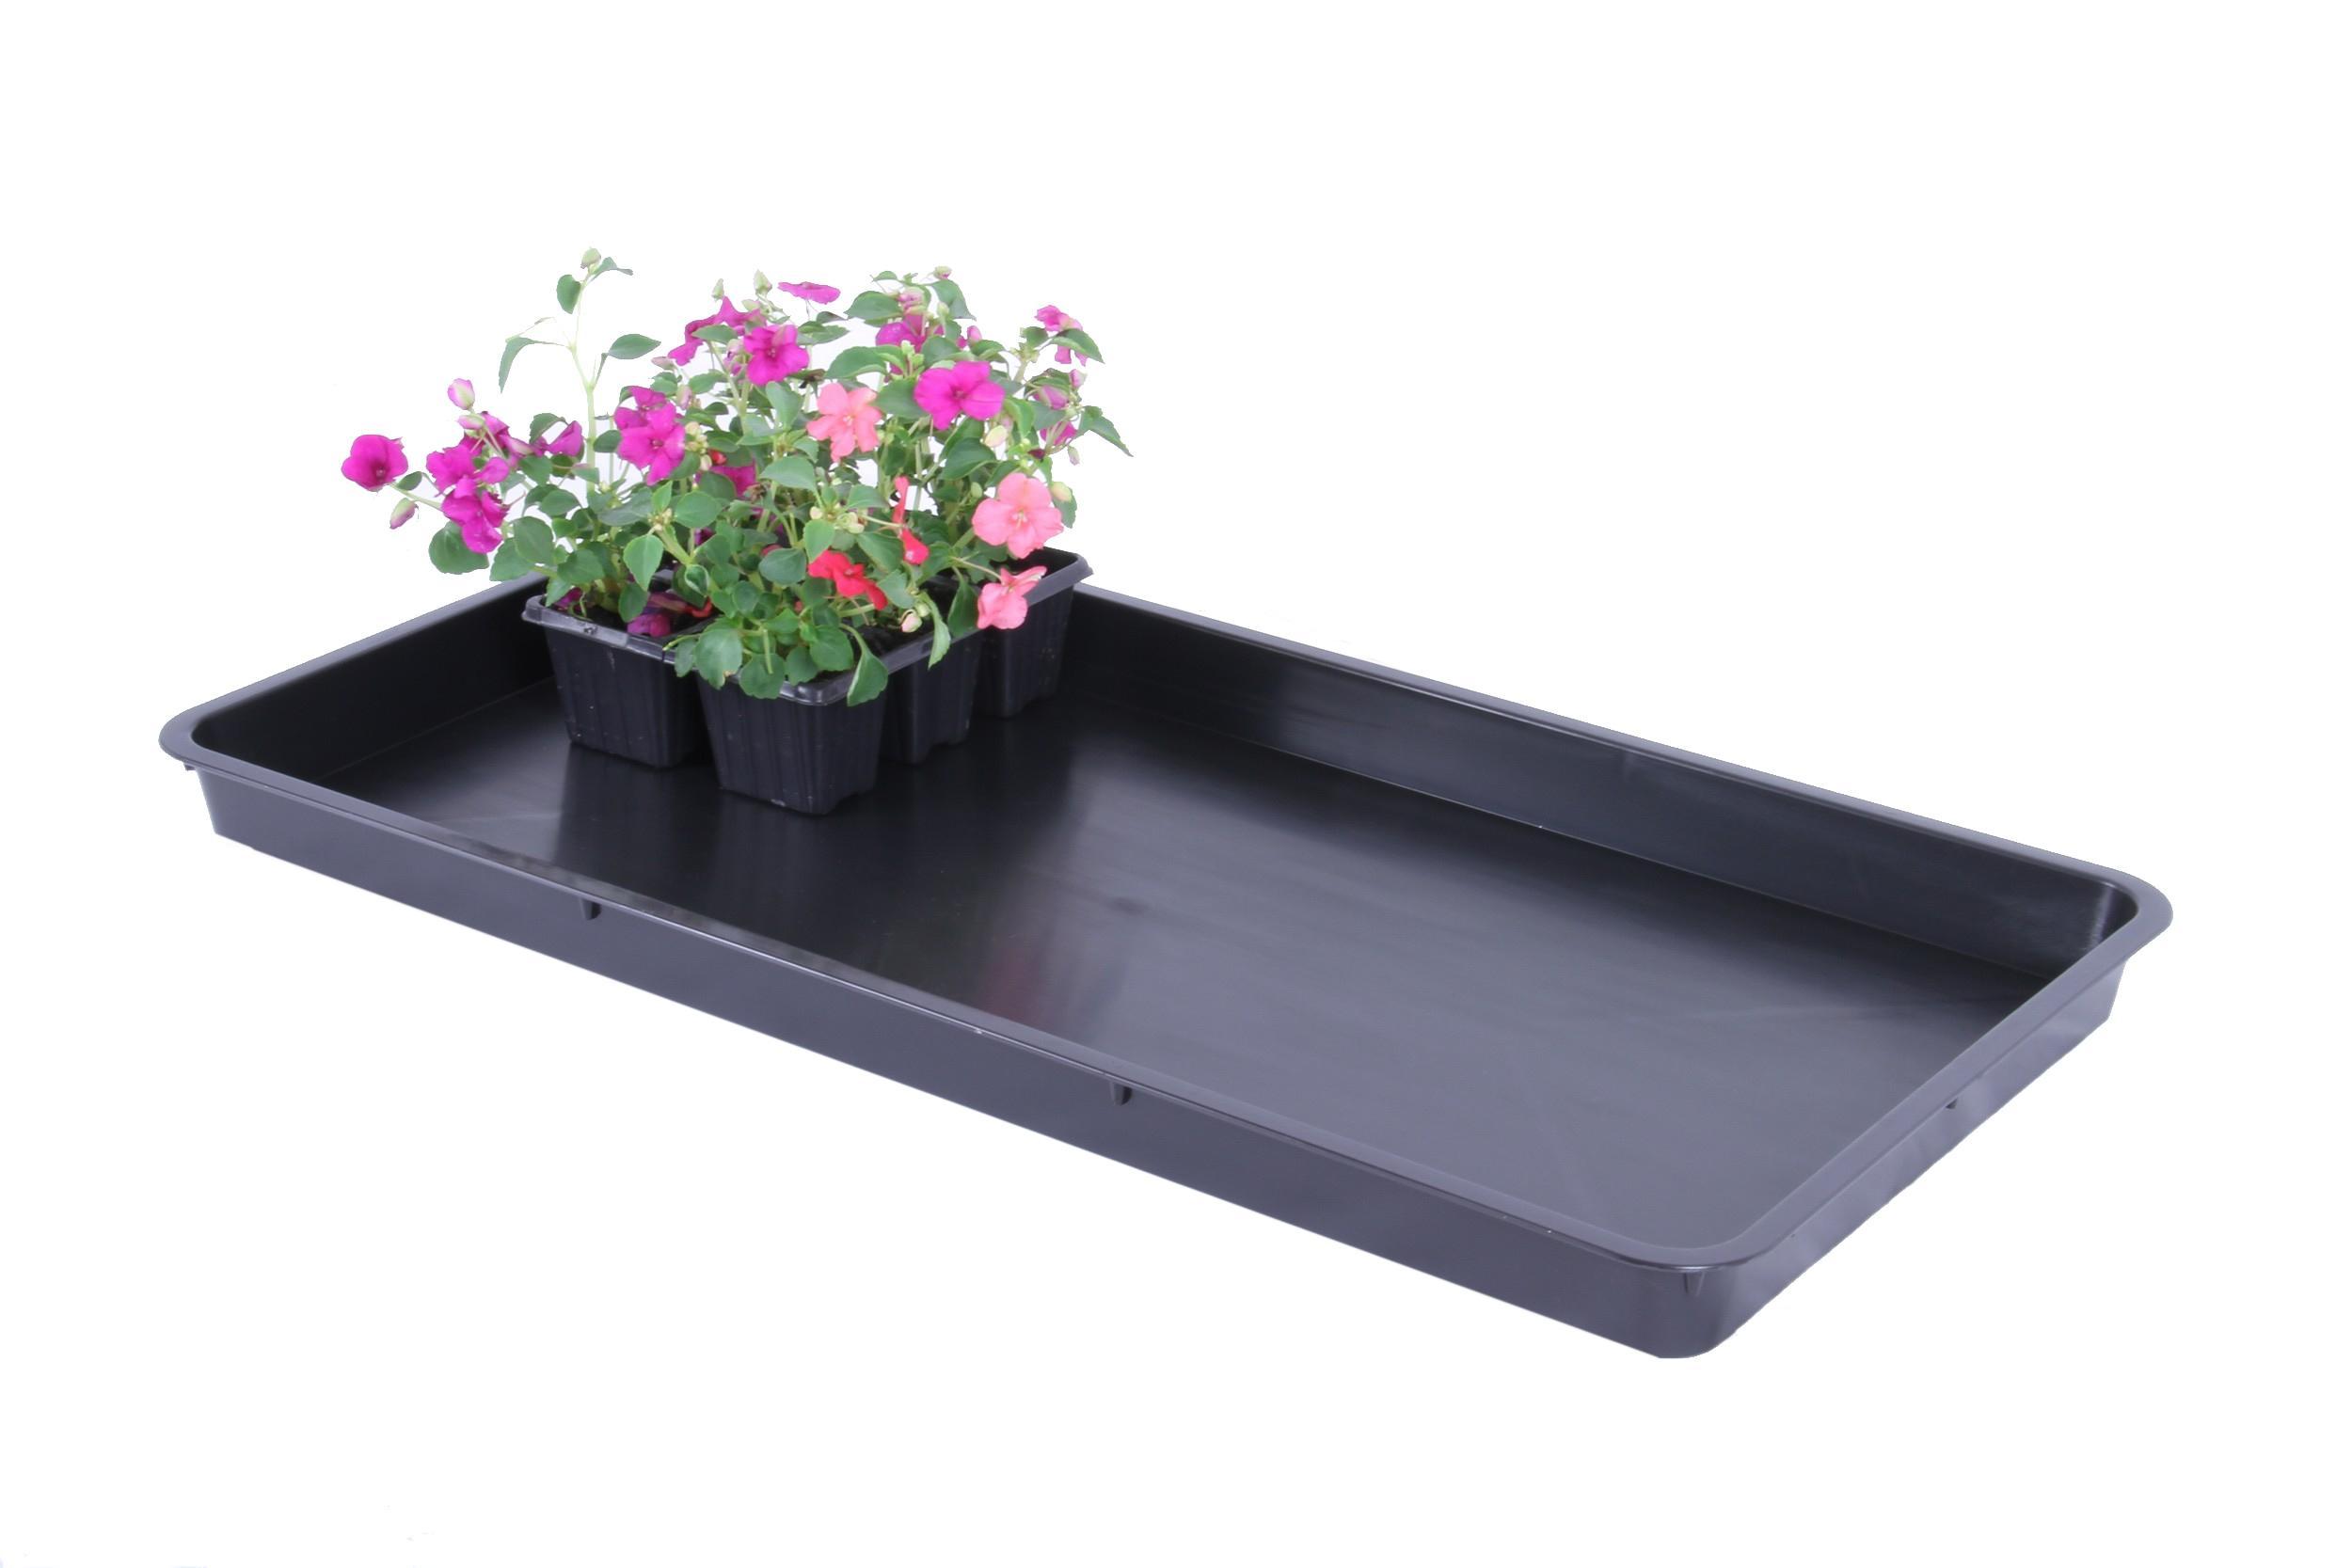 Merveilleux Garland Pack Of 3 Maxi Garden Tray 400mm X 790mm Black